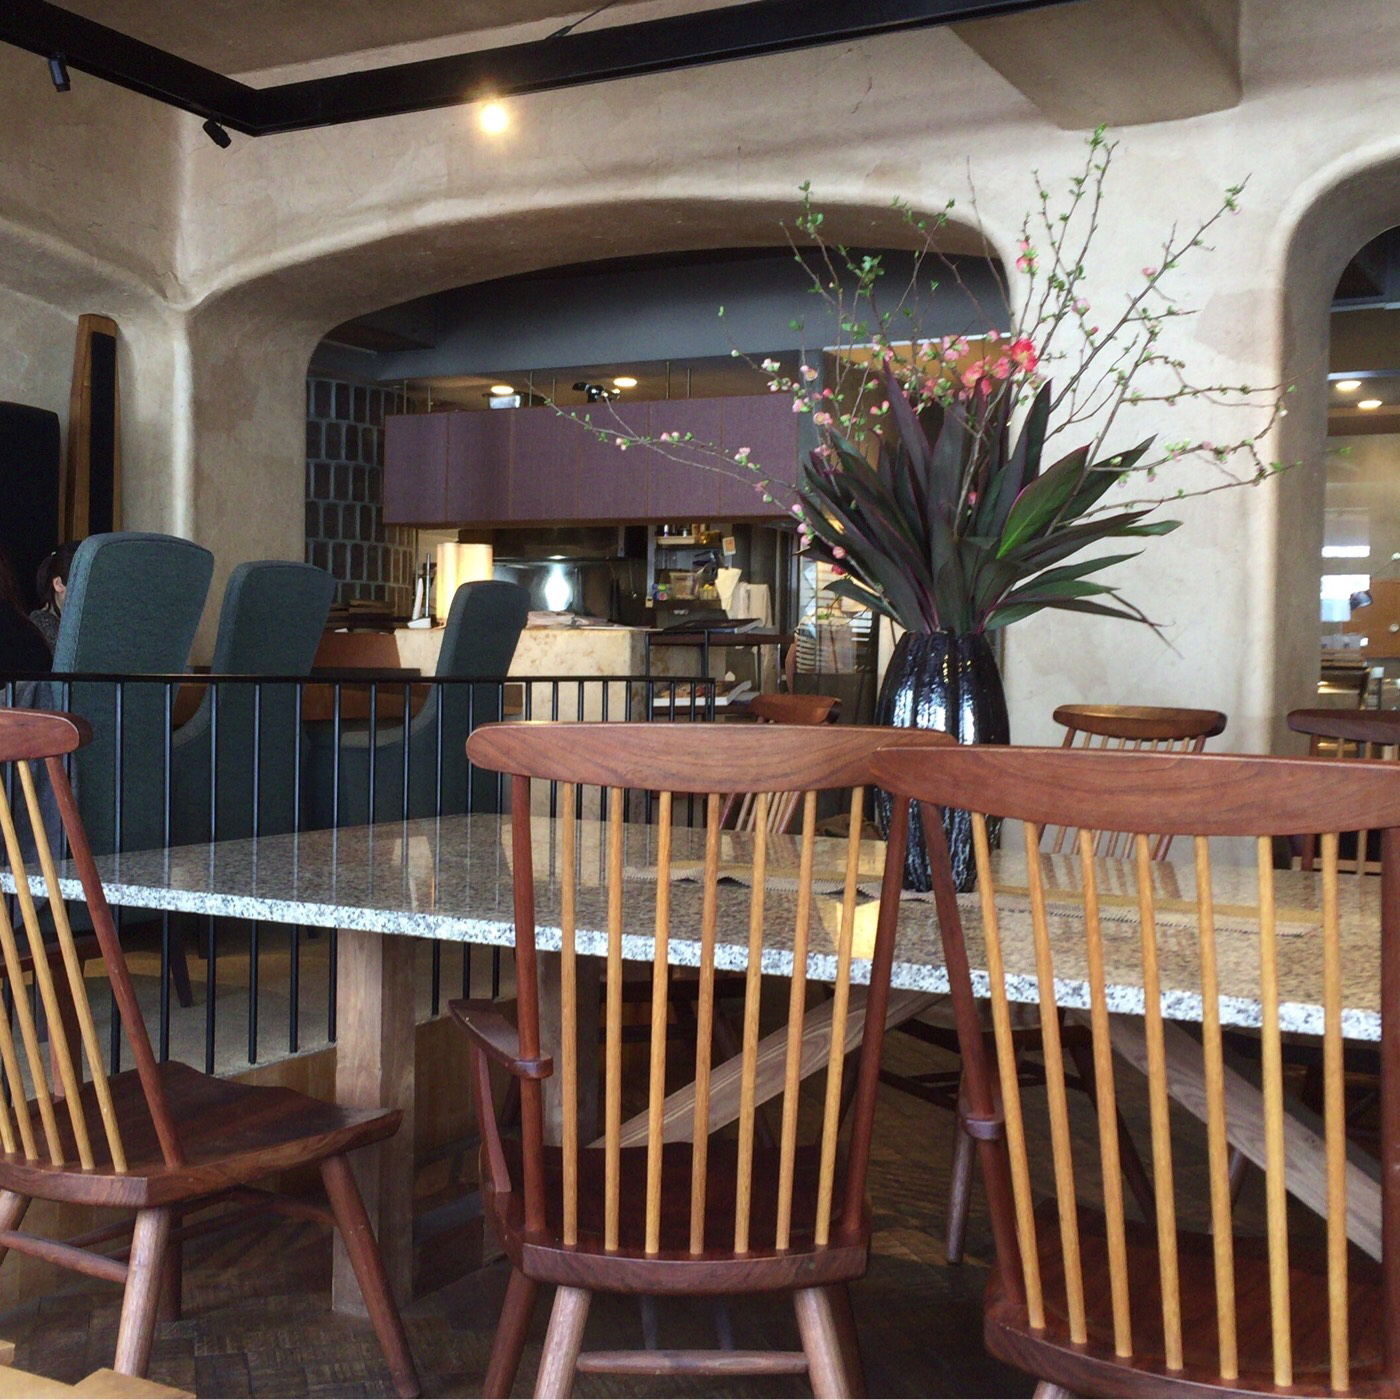 椿サロン コーヒーを片手にお休みの午後を過ごしたいカフェ。キッズルームも充実してます。【札幌 中央区】